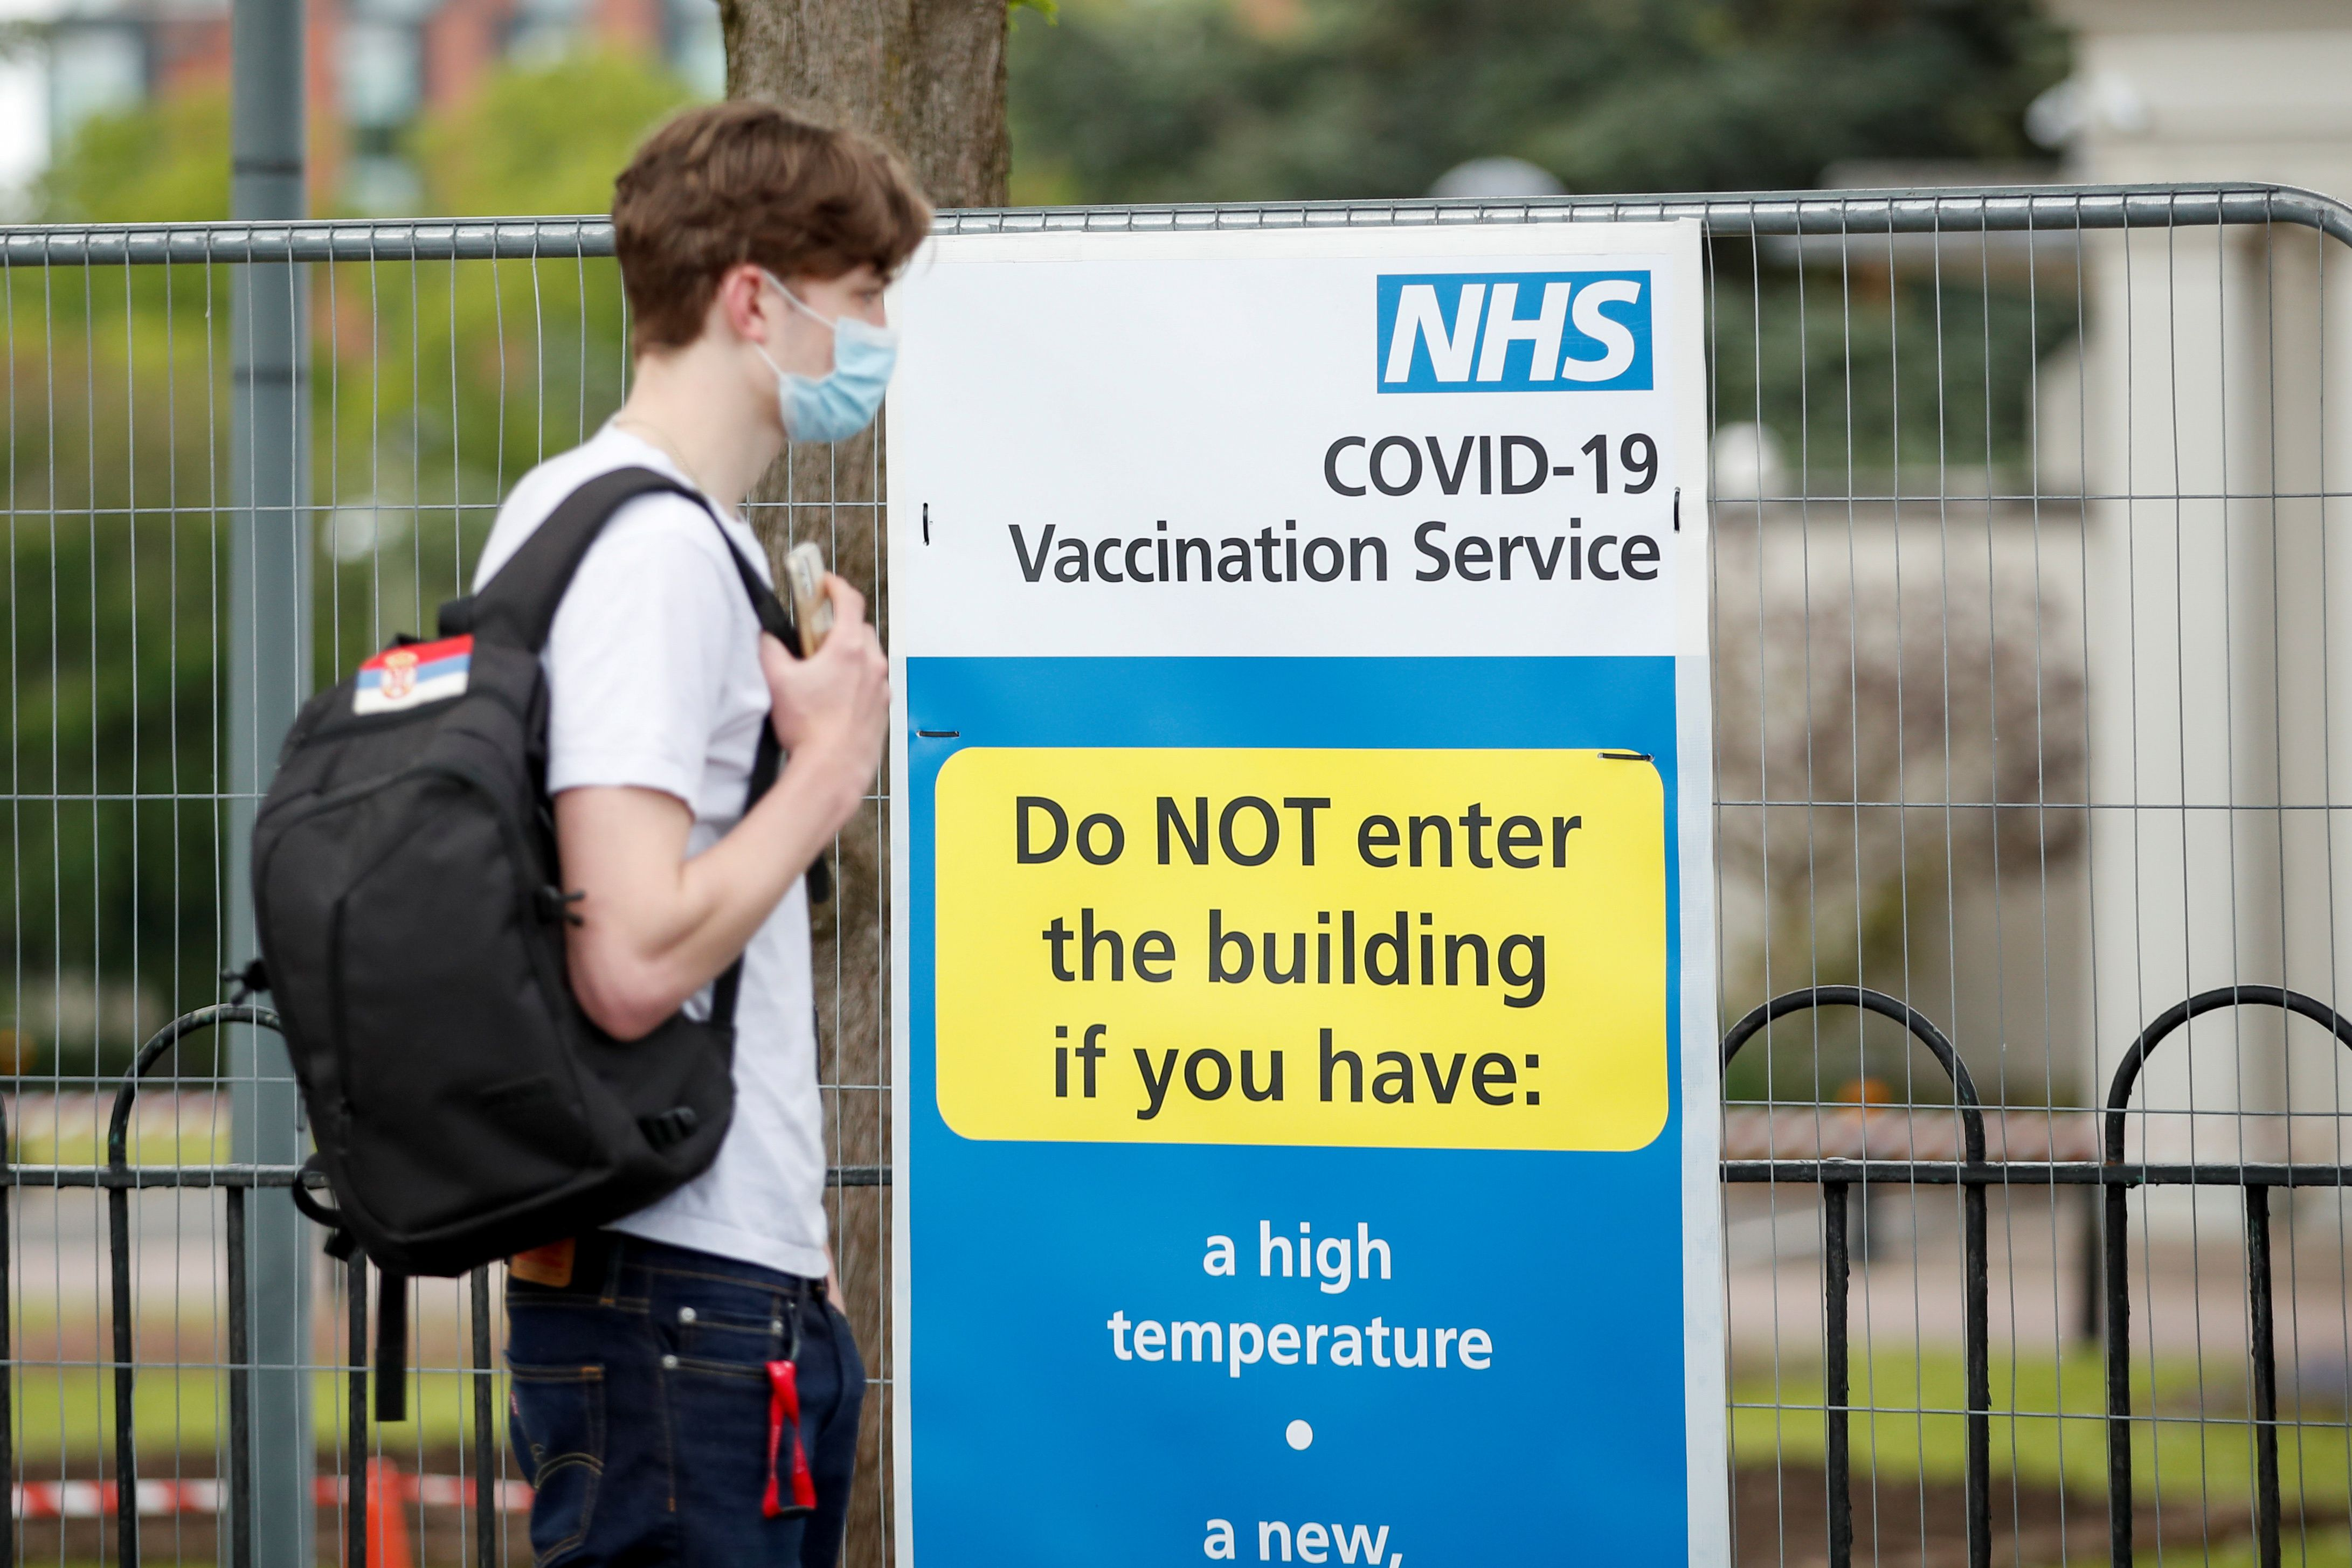 Las últimas en sumarse a la lista han sido las vacunas COVID-19 que se desarrollaron en menos de un año y ya están siendo aplicadas en diferentes países del mundo para un mejor control de la pandemia REUTERS/Andrew Boyers